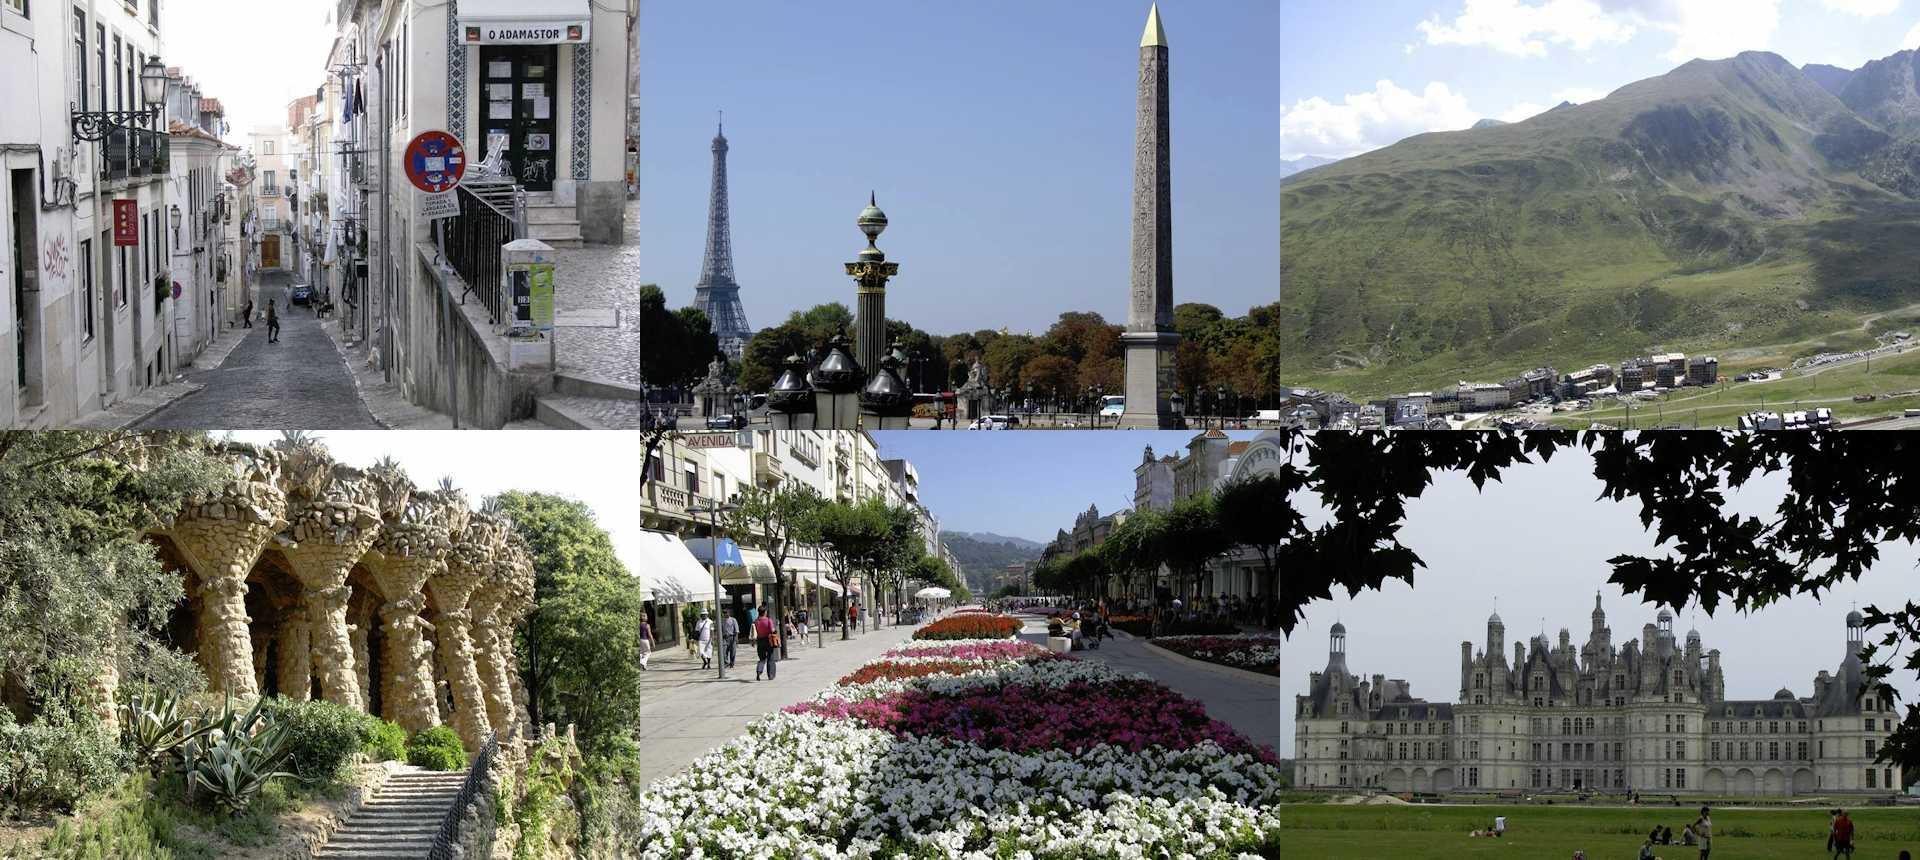 Tây Âu - 2009